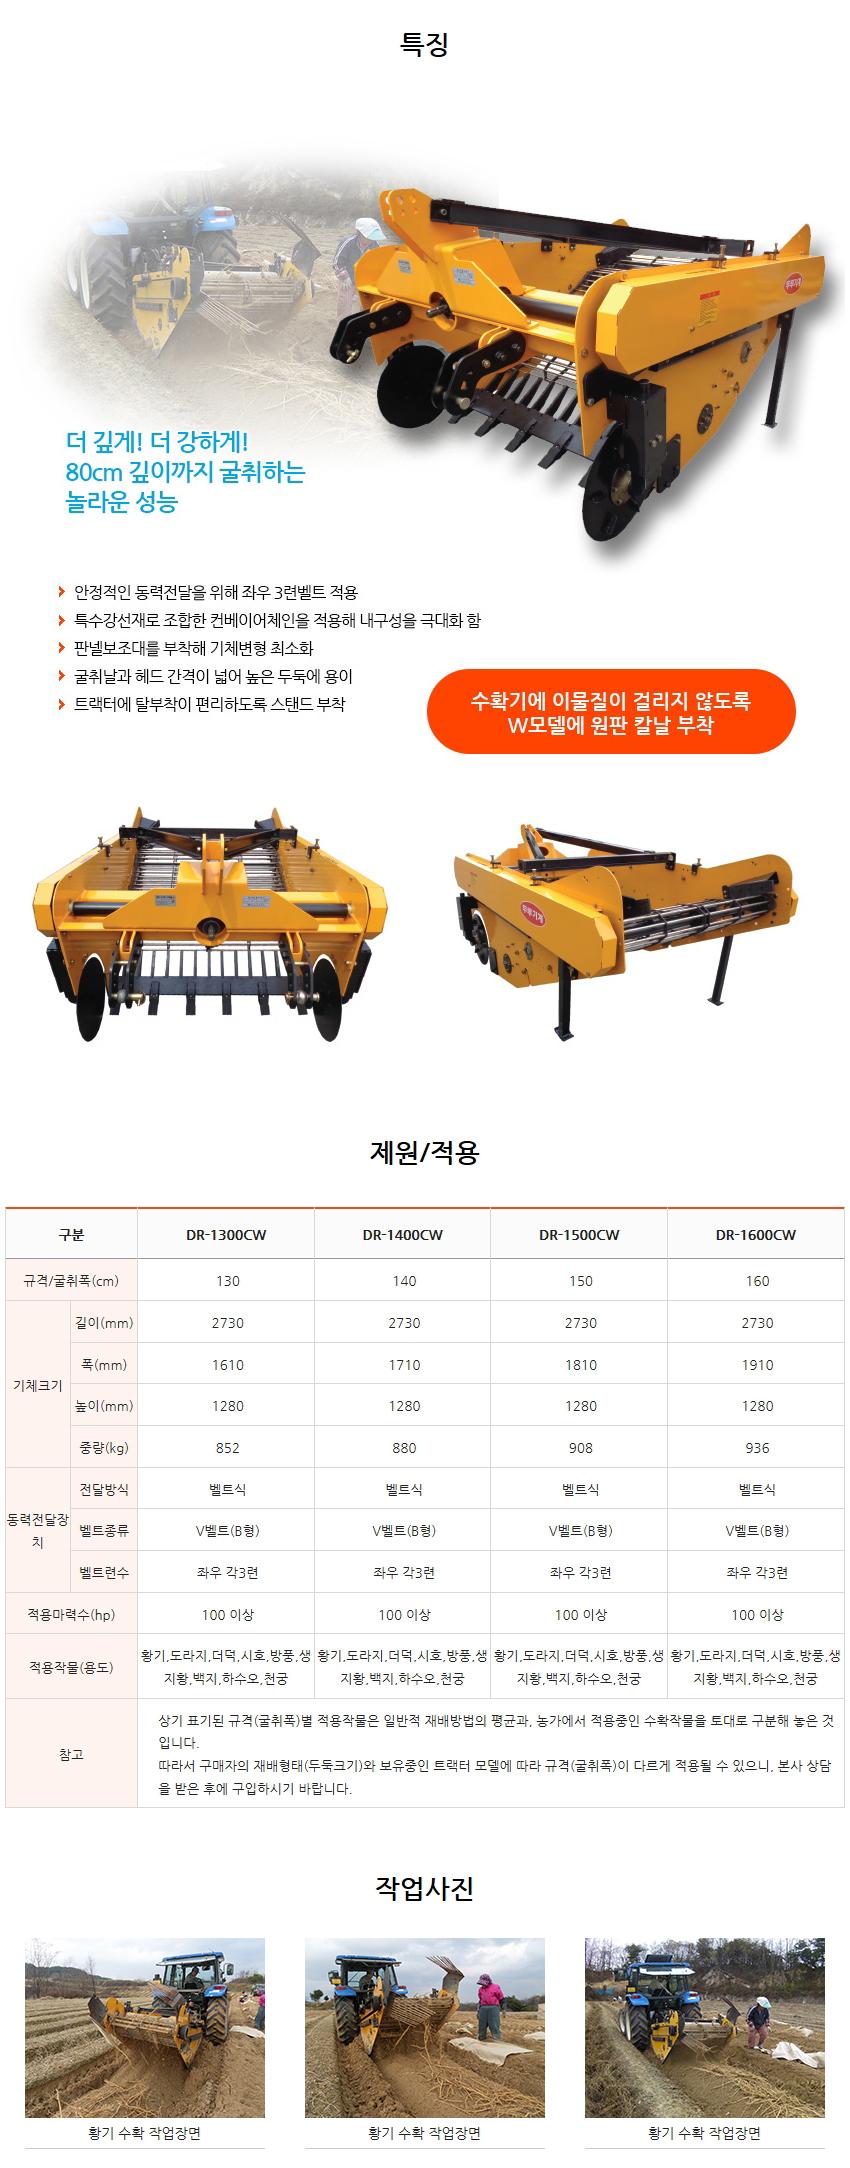 두루기계 땅속작물수확기 (트랙터용/이송식) CW Model